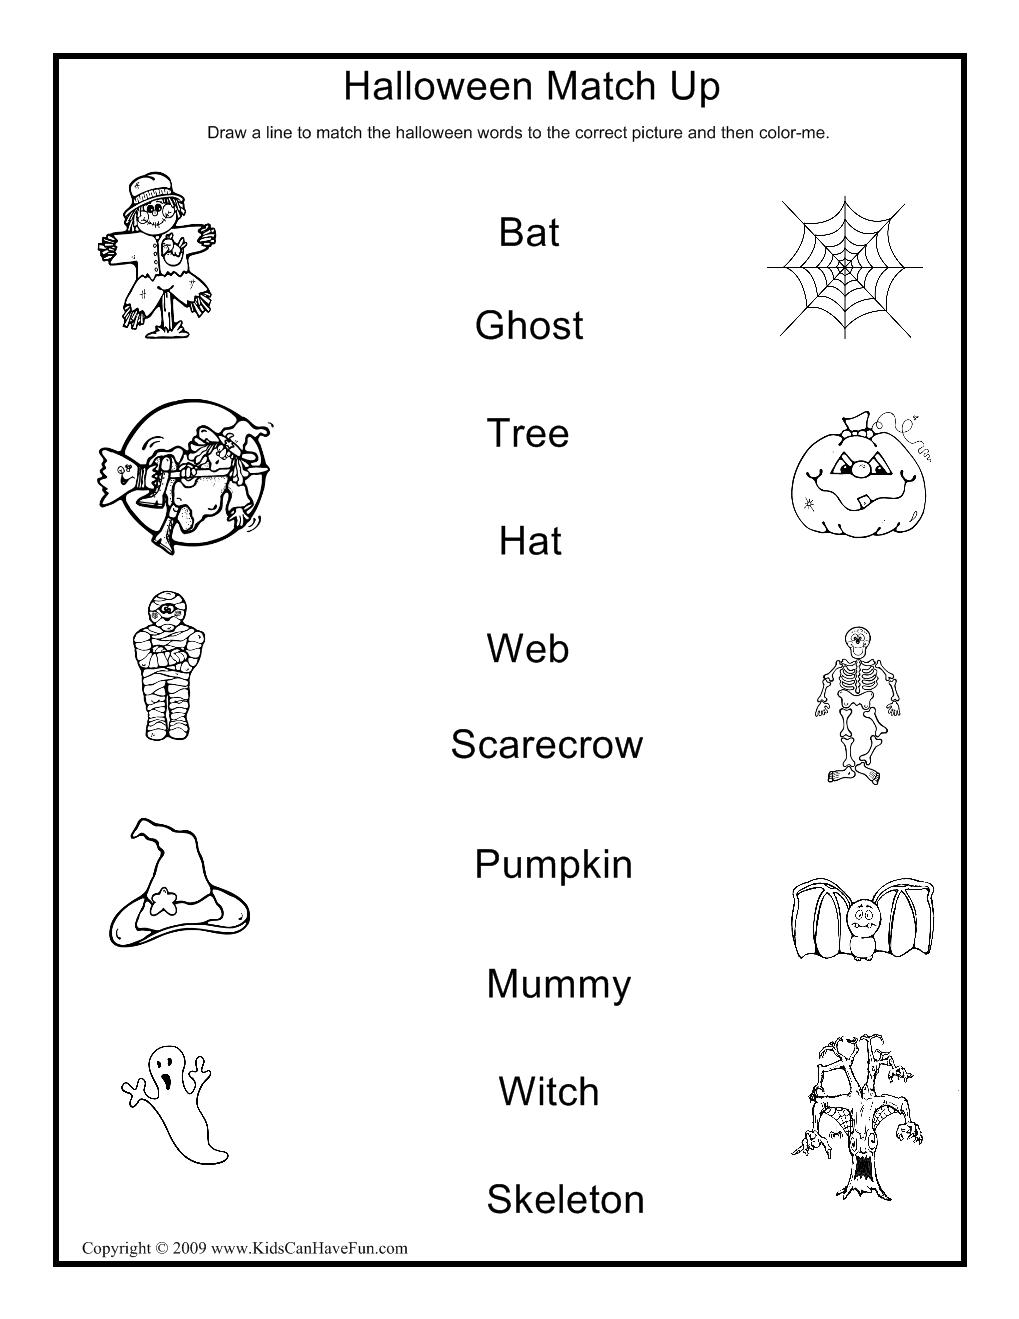 Halloween Match Up Activity | Halloween Activities, Crafts, Games ...